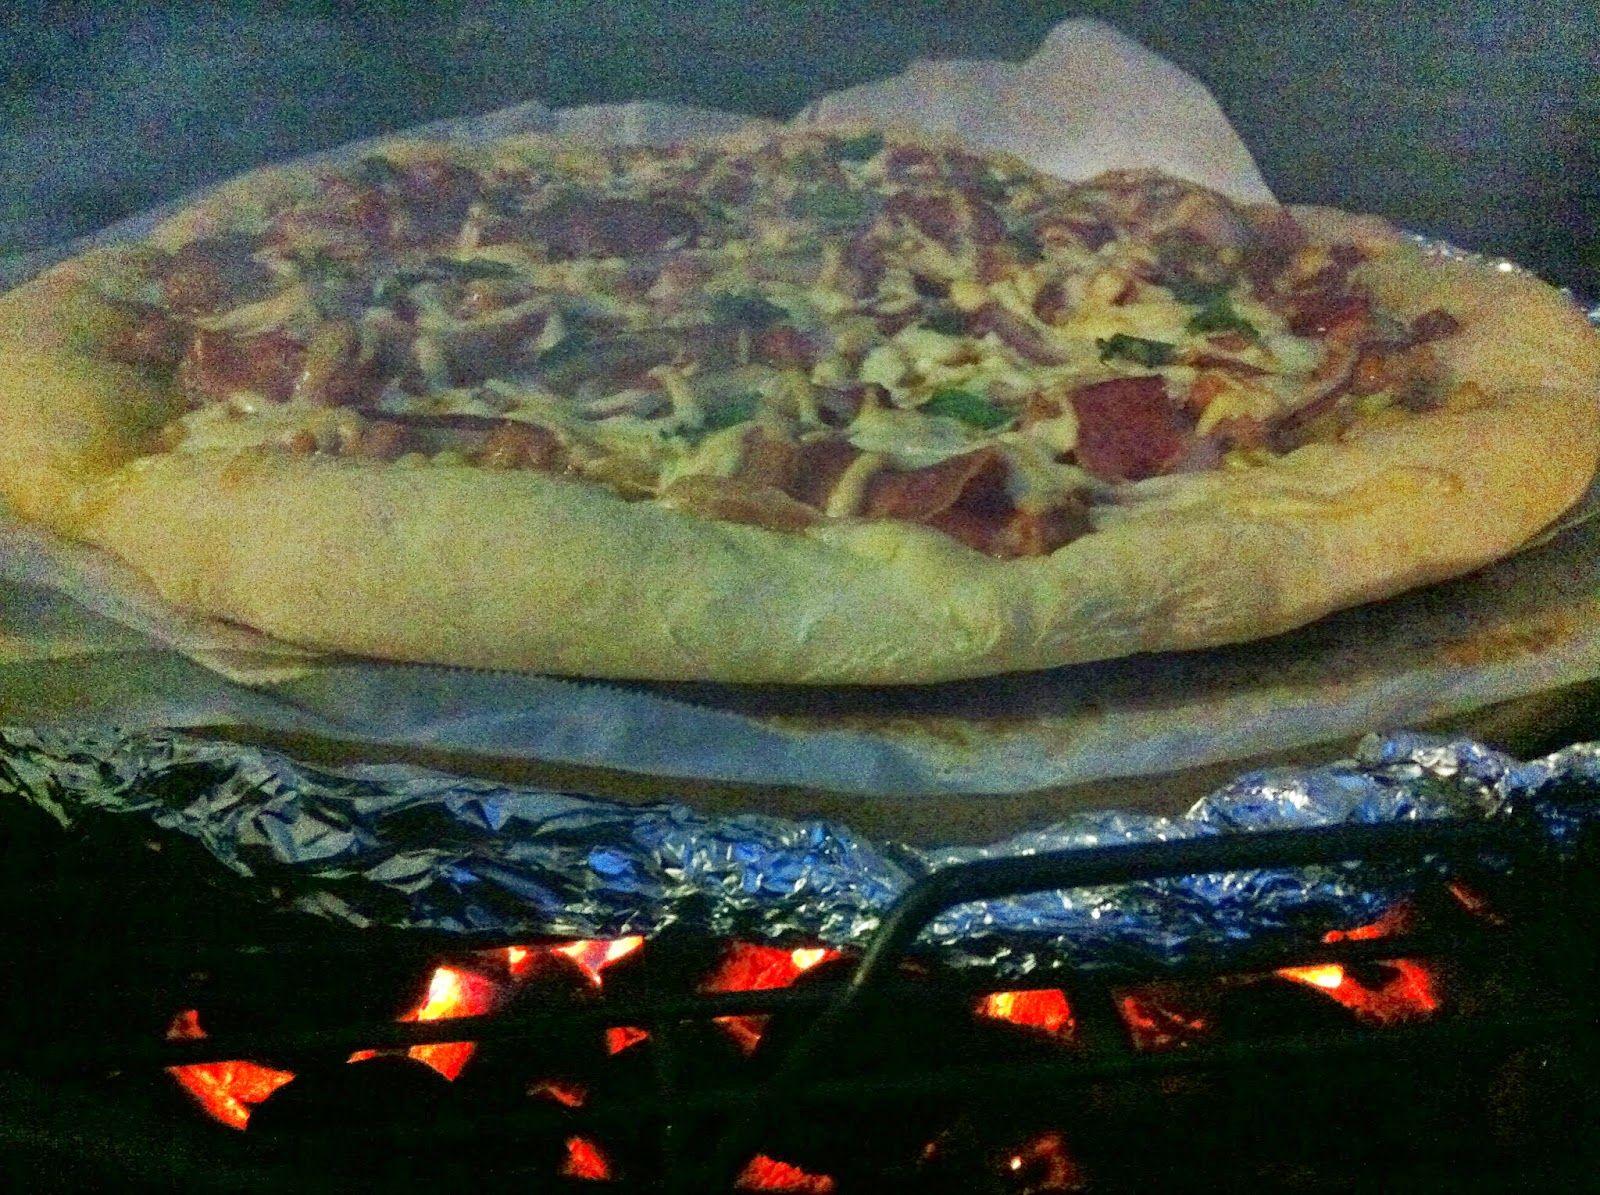 Bonne bouffe, bonne vie!: Pizza à la saucisse, maïs grillé, prosciutto et fr...